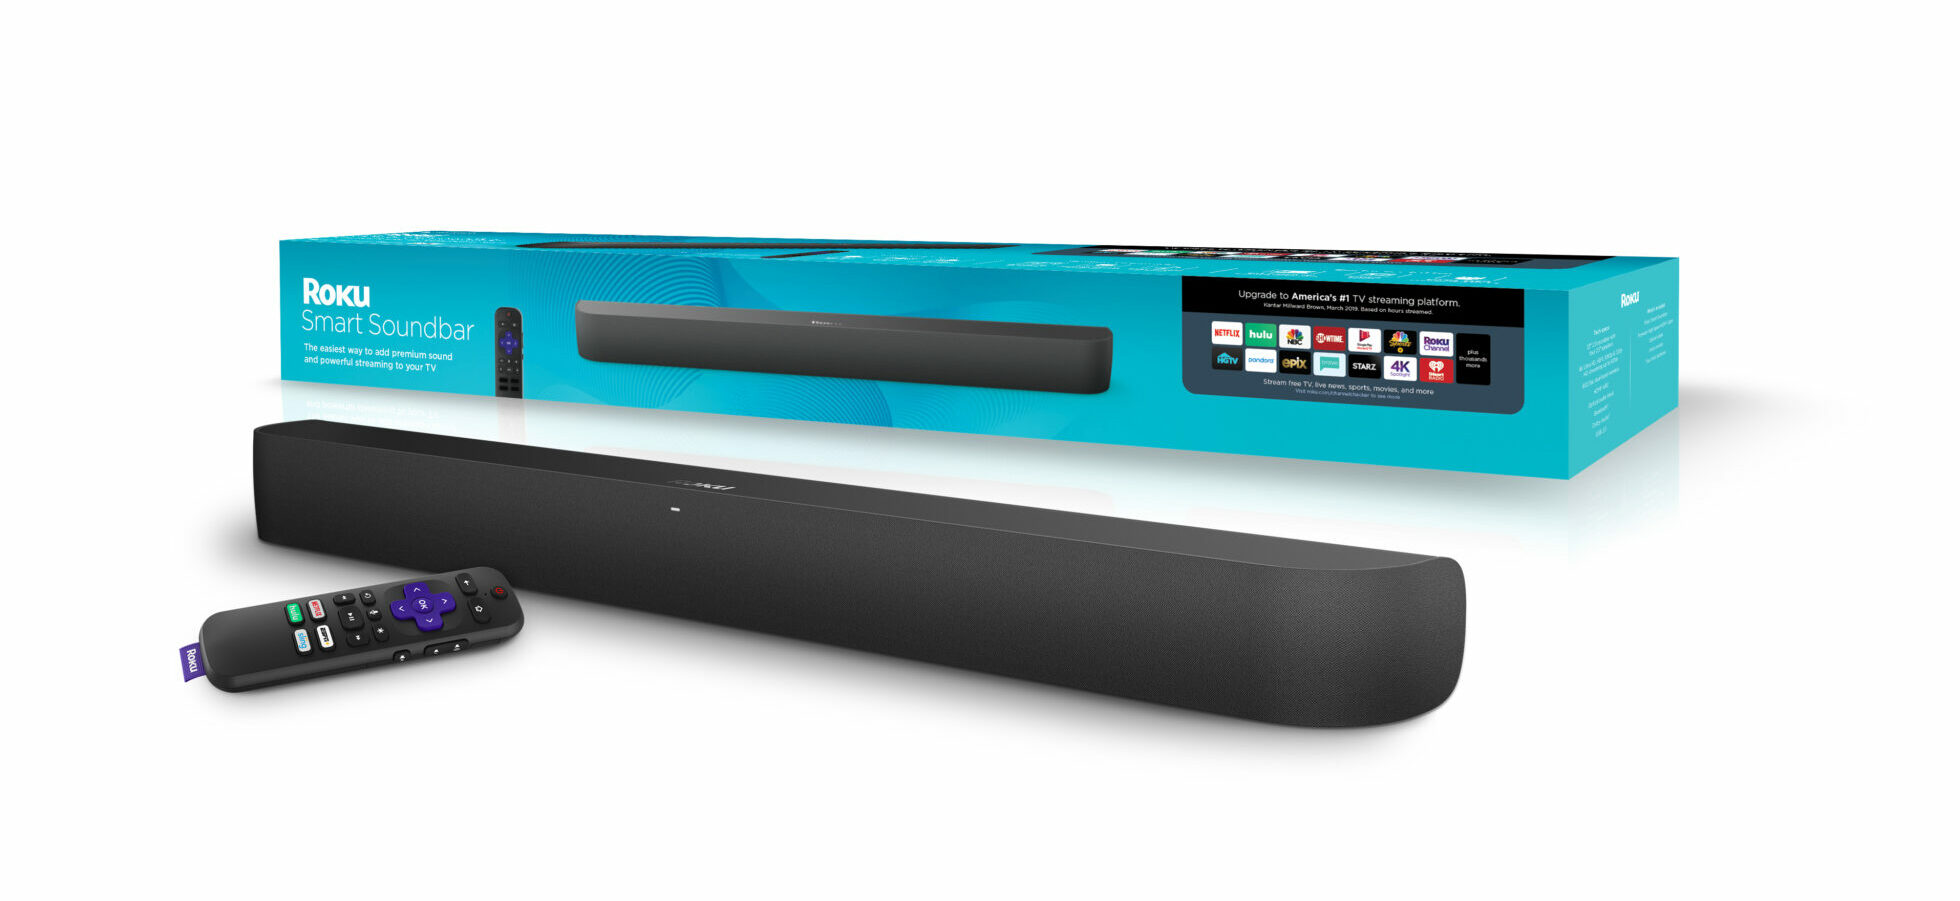 The Roku Sound Bar